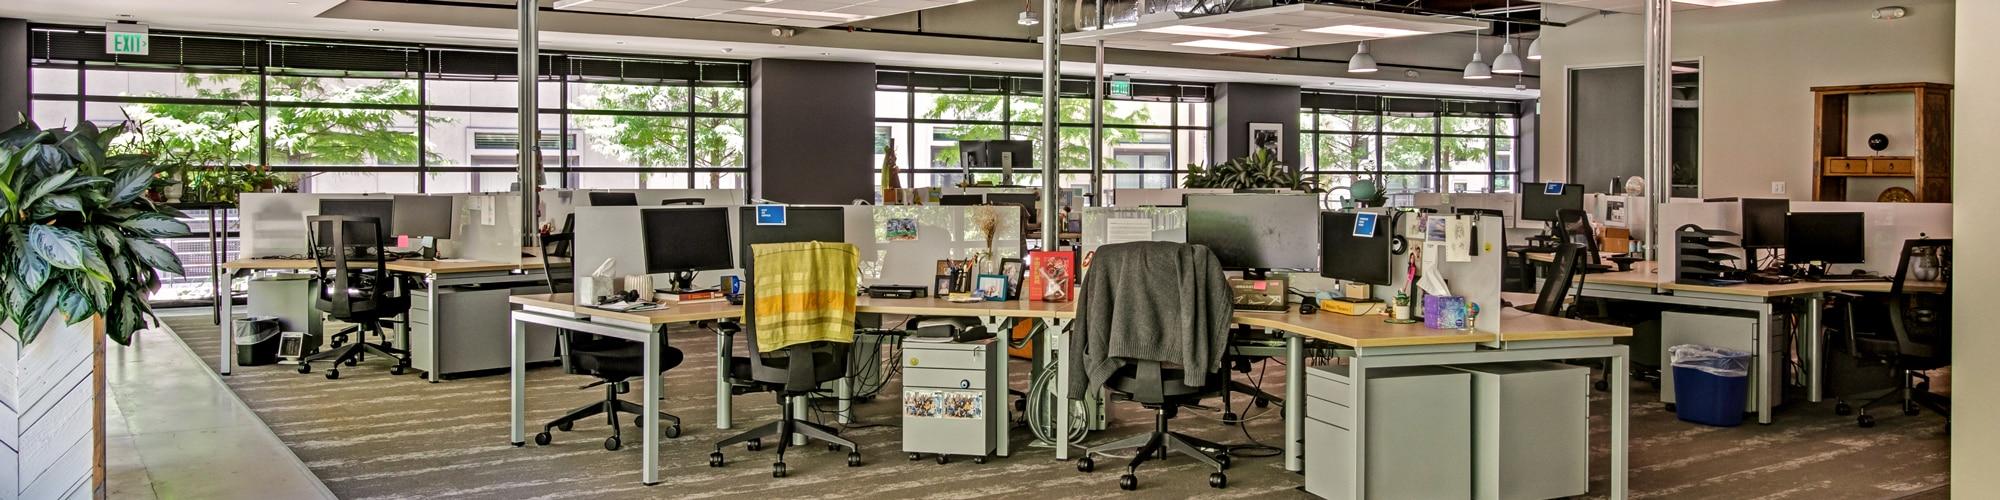 Eastside-Village-Sublease-Workstations